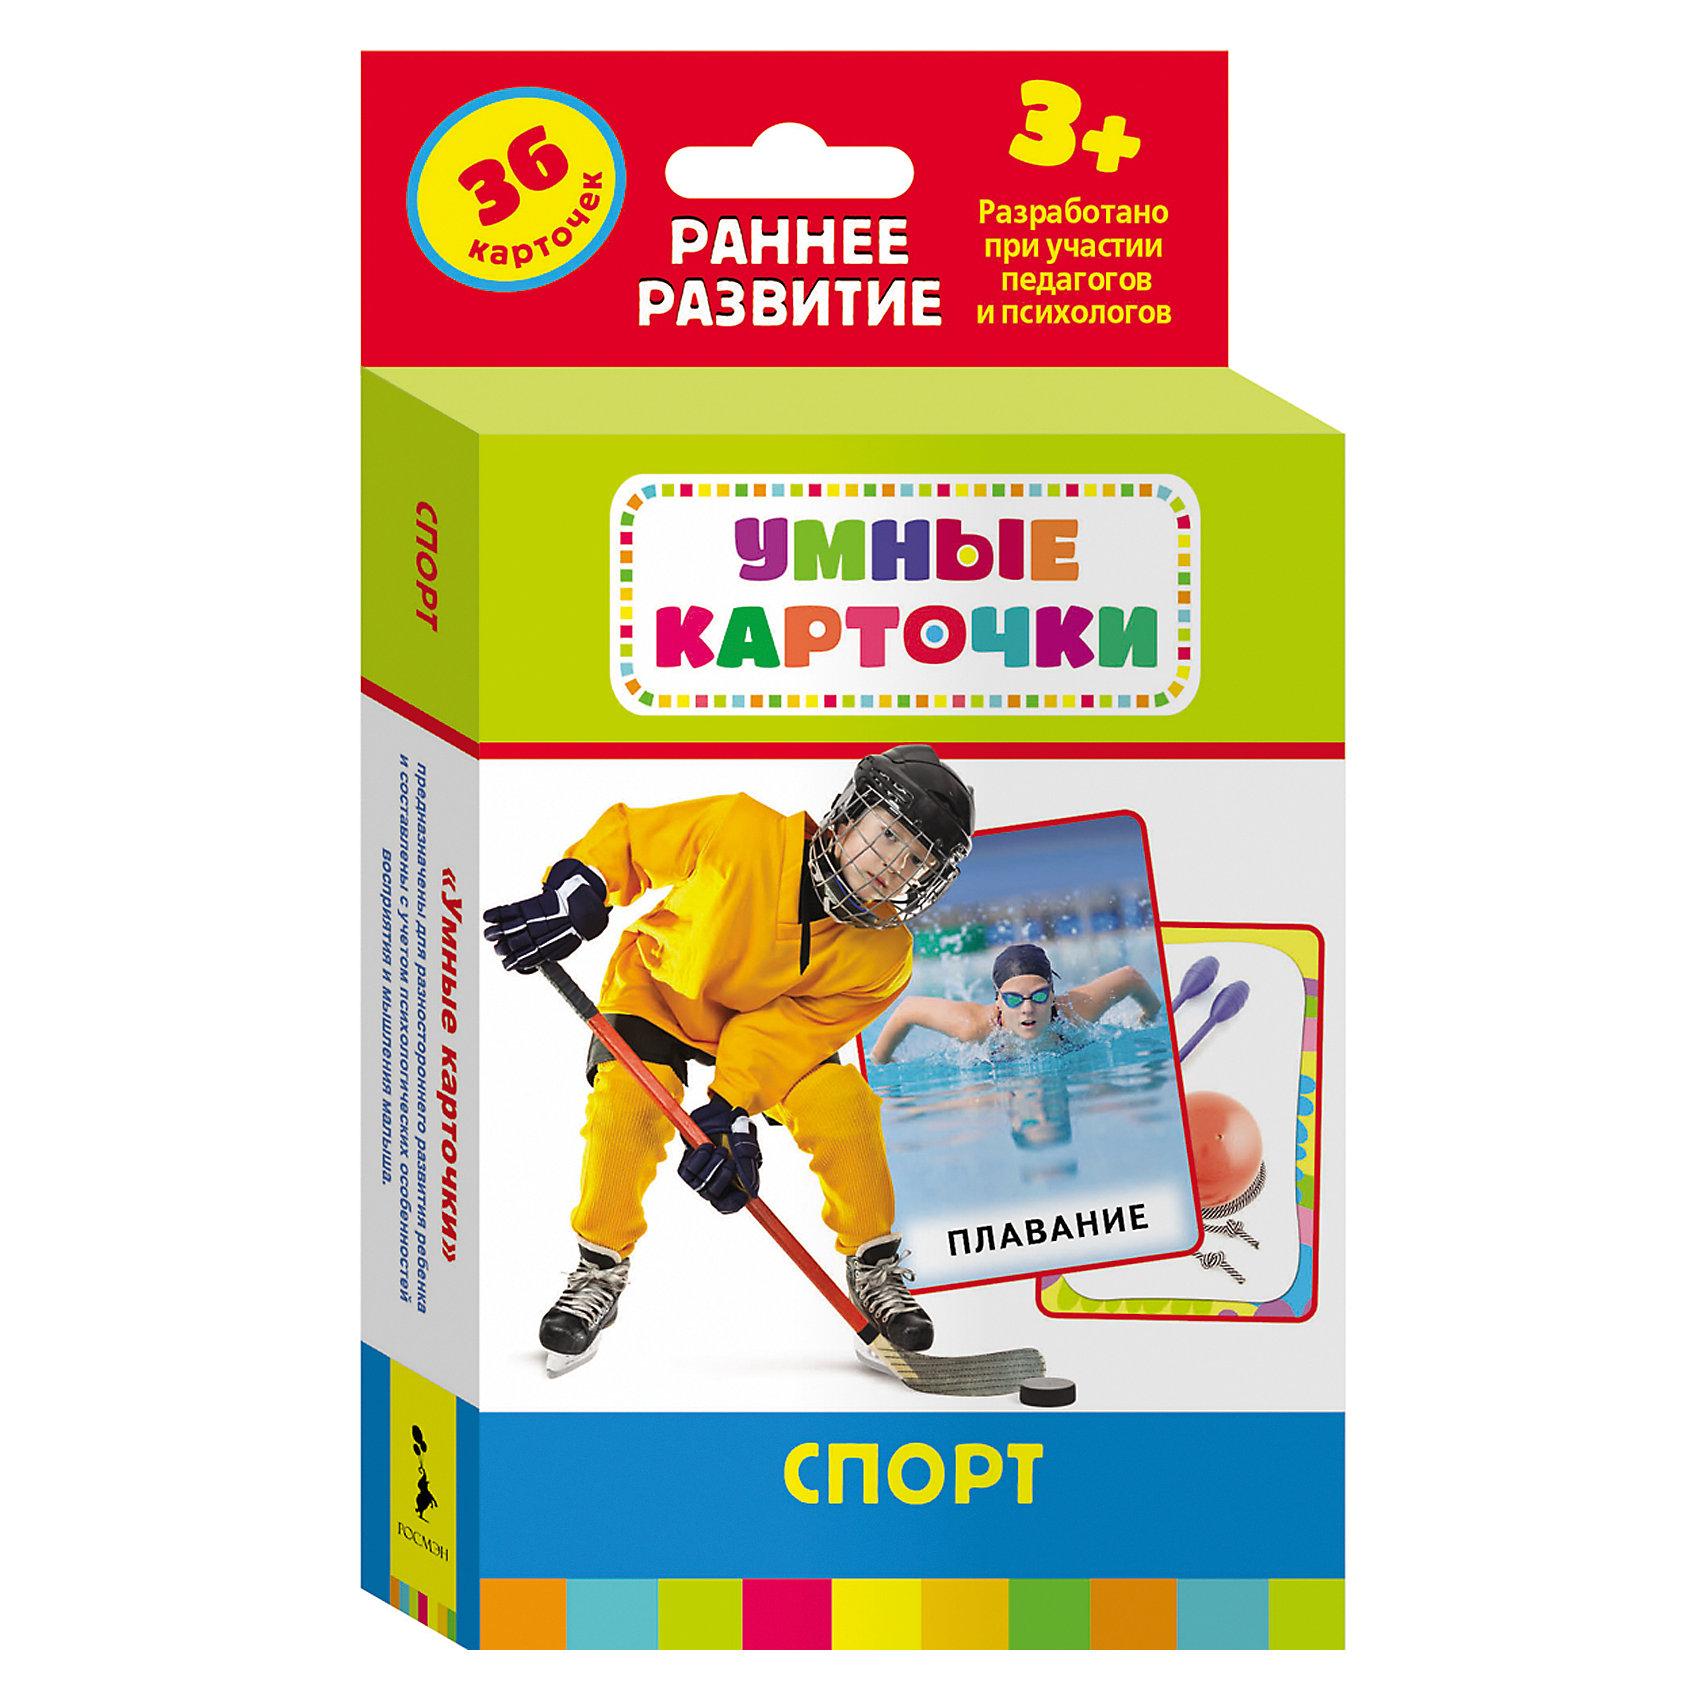 Росмэн Развивающие карточки Спорт, Умные карточки развивающие карточки росмэн учимся считать 20998